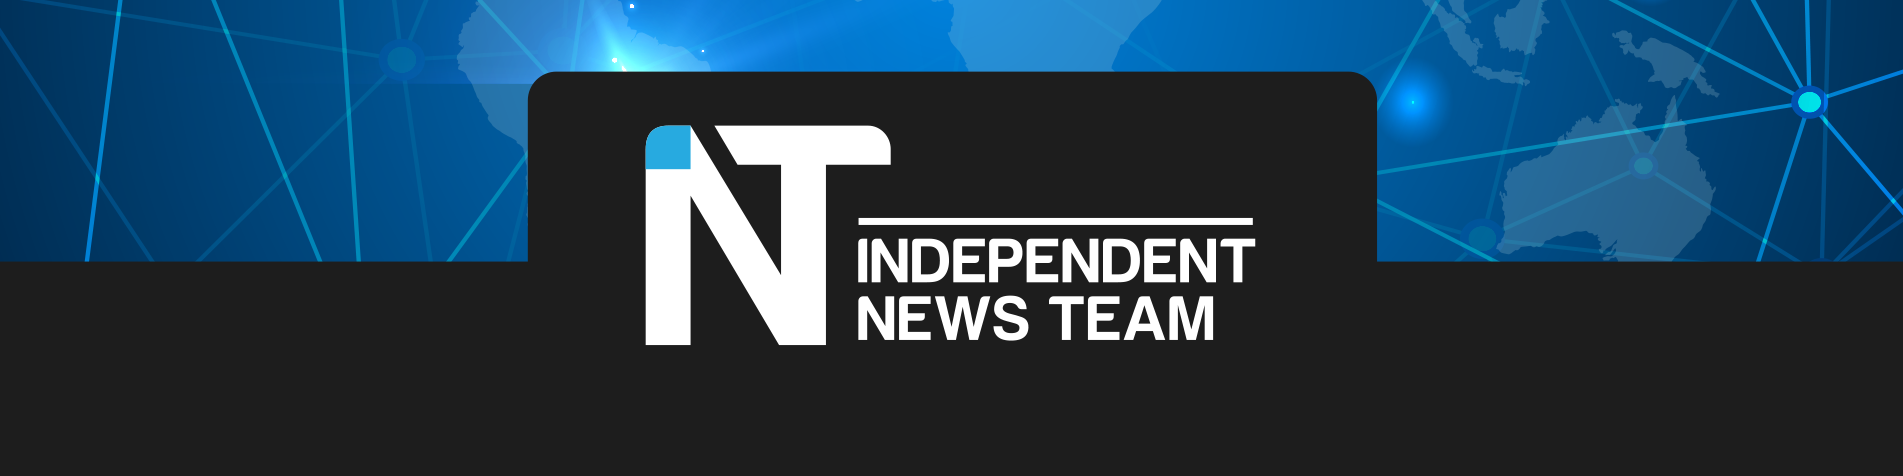 Independent News Team